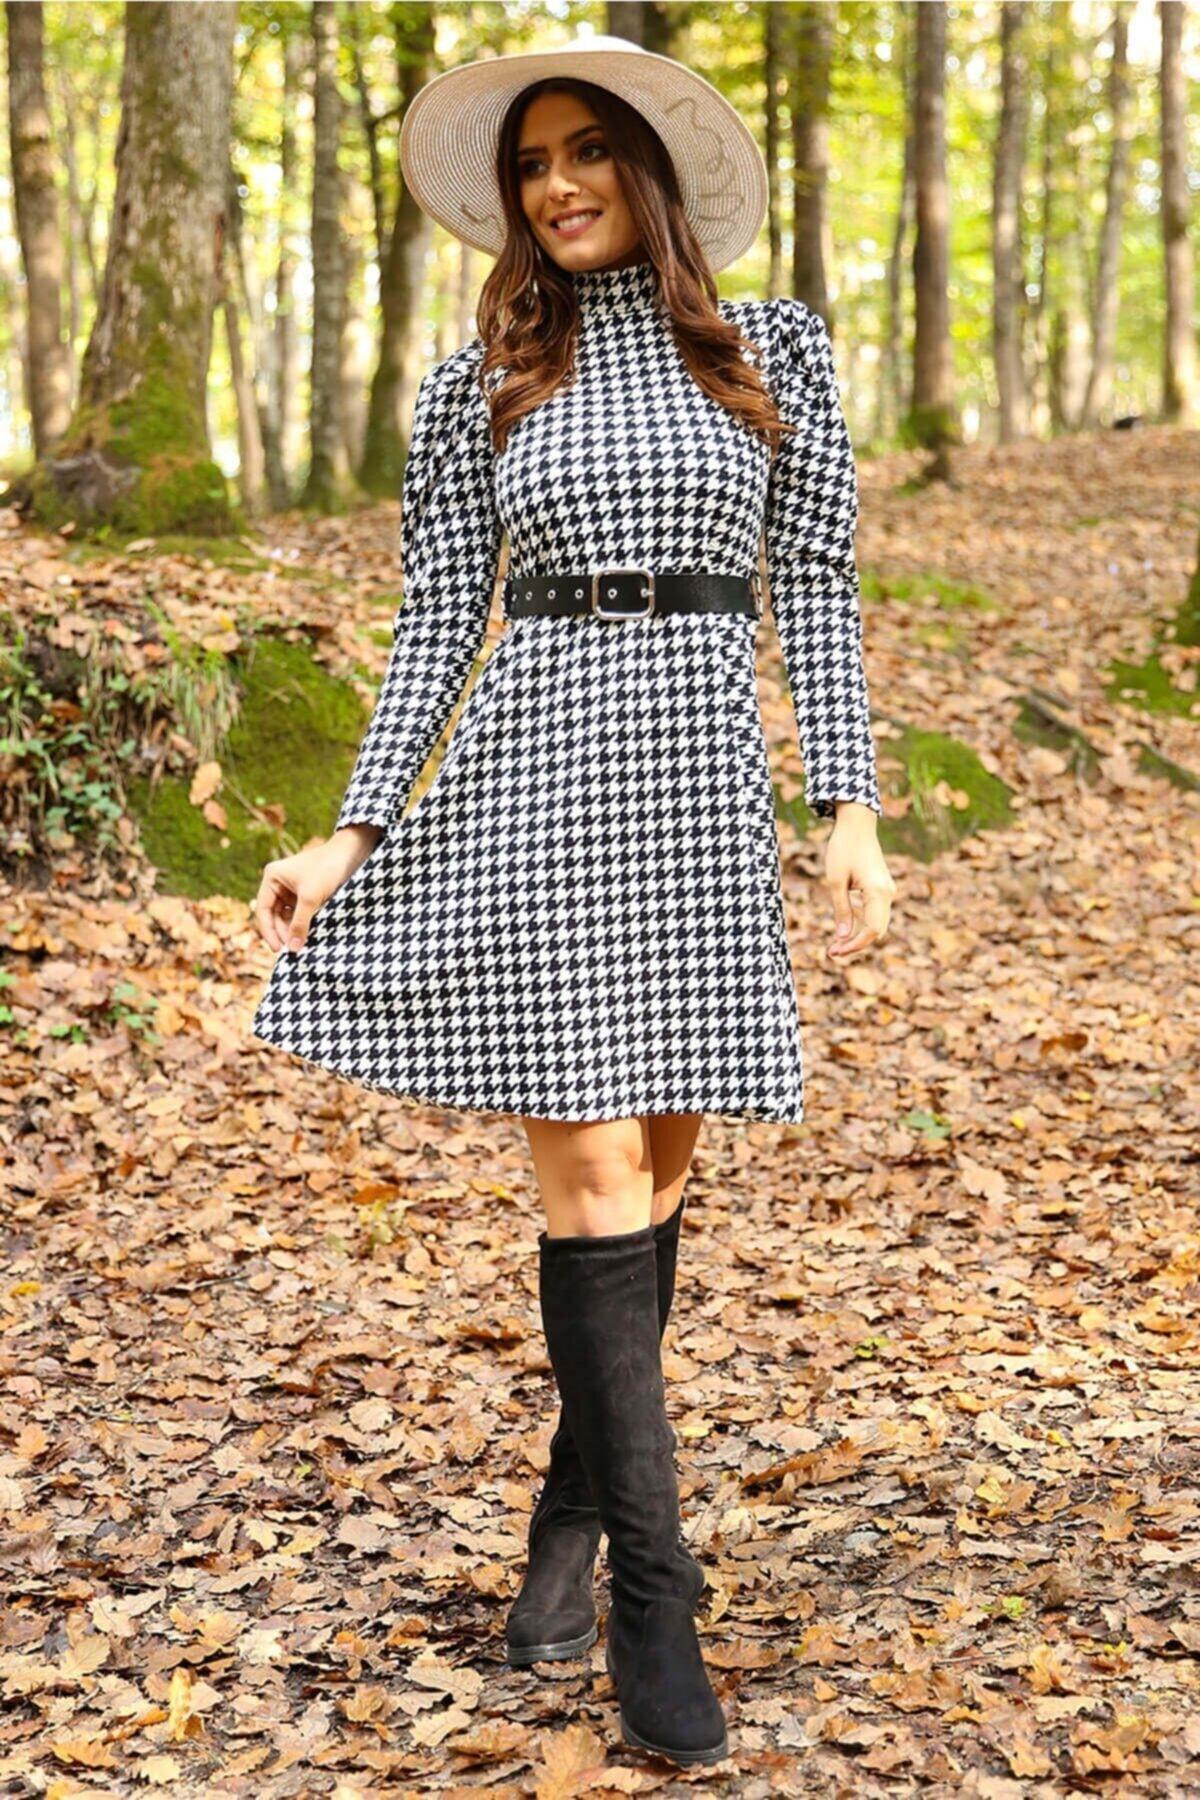 Neşeli Butik Kadın Yarım Balıkçı Kol Ve Kemer Detaylı Yeni Sezon Kışlık Elbise Nb7156 2